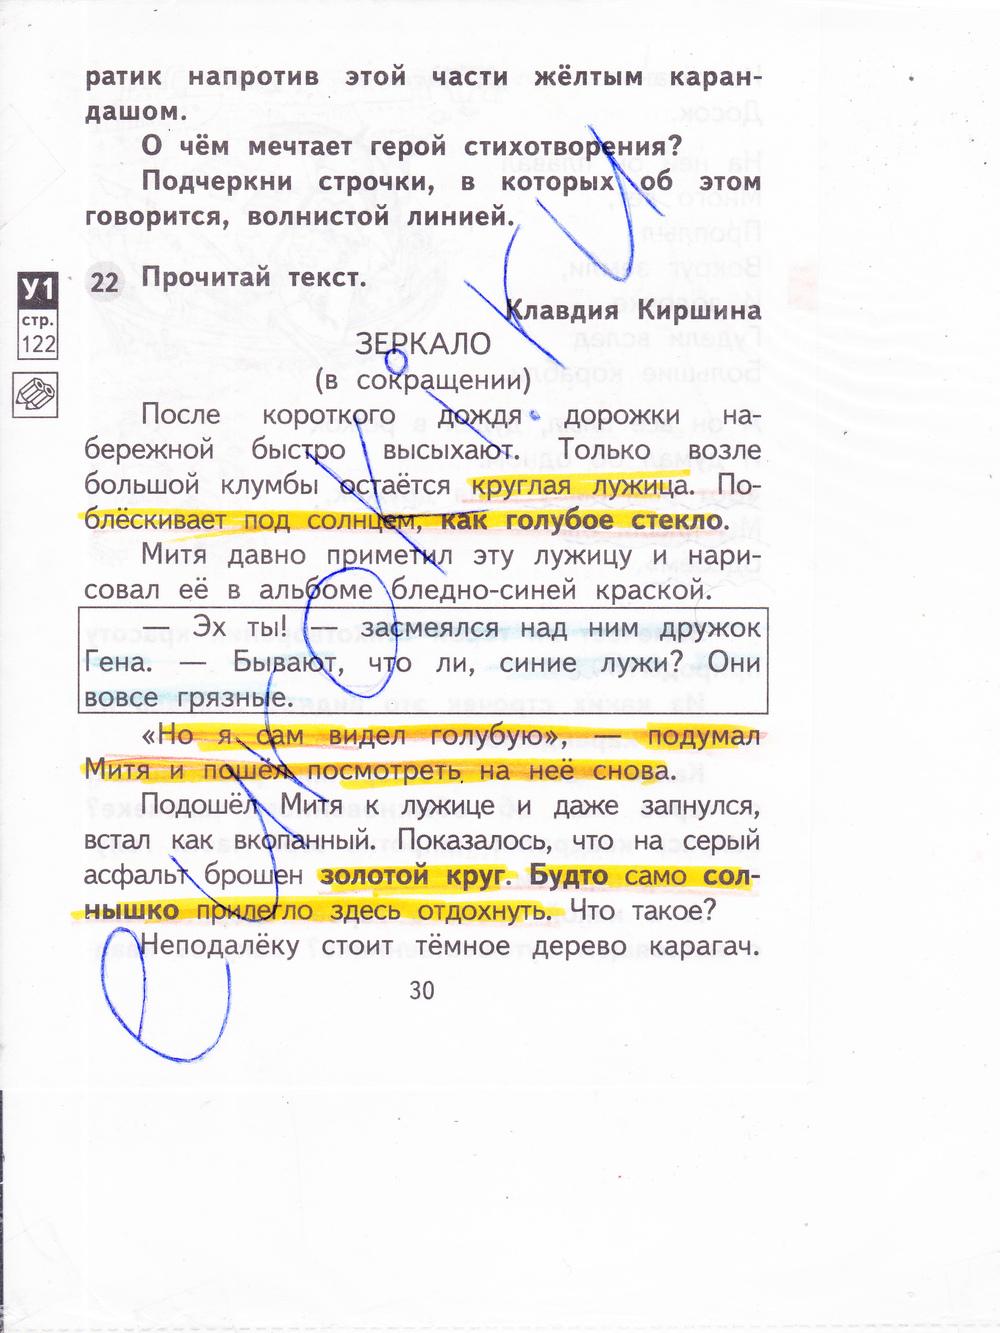 ГДЗ по литературному чтению 2 класс рабочая тетрадь Малаховская Часть 1, 2. Задание: стр. 30